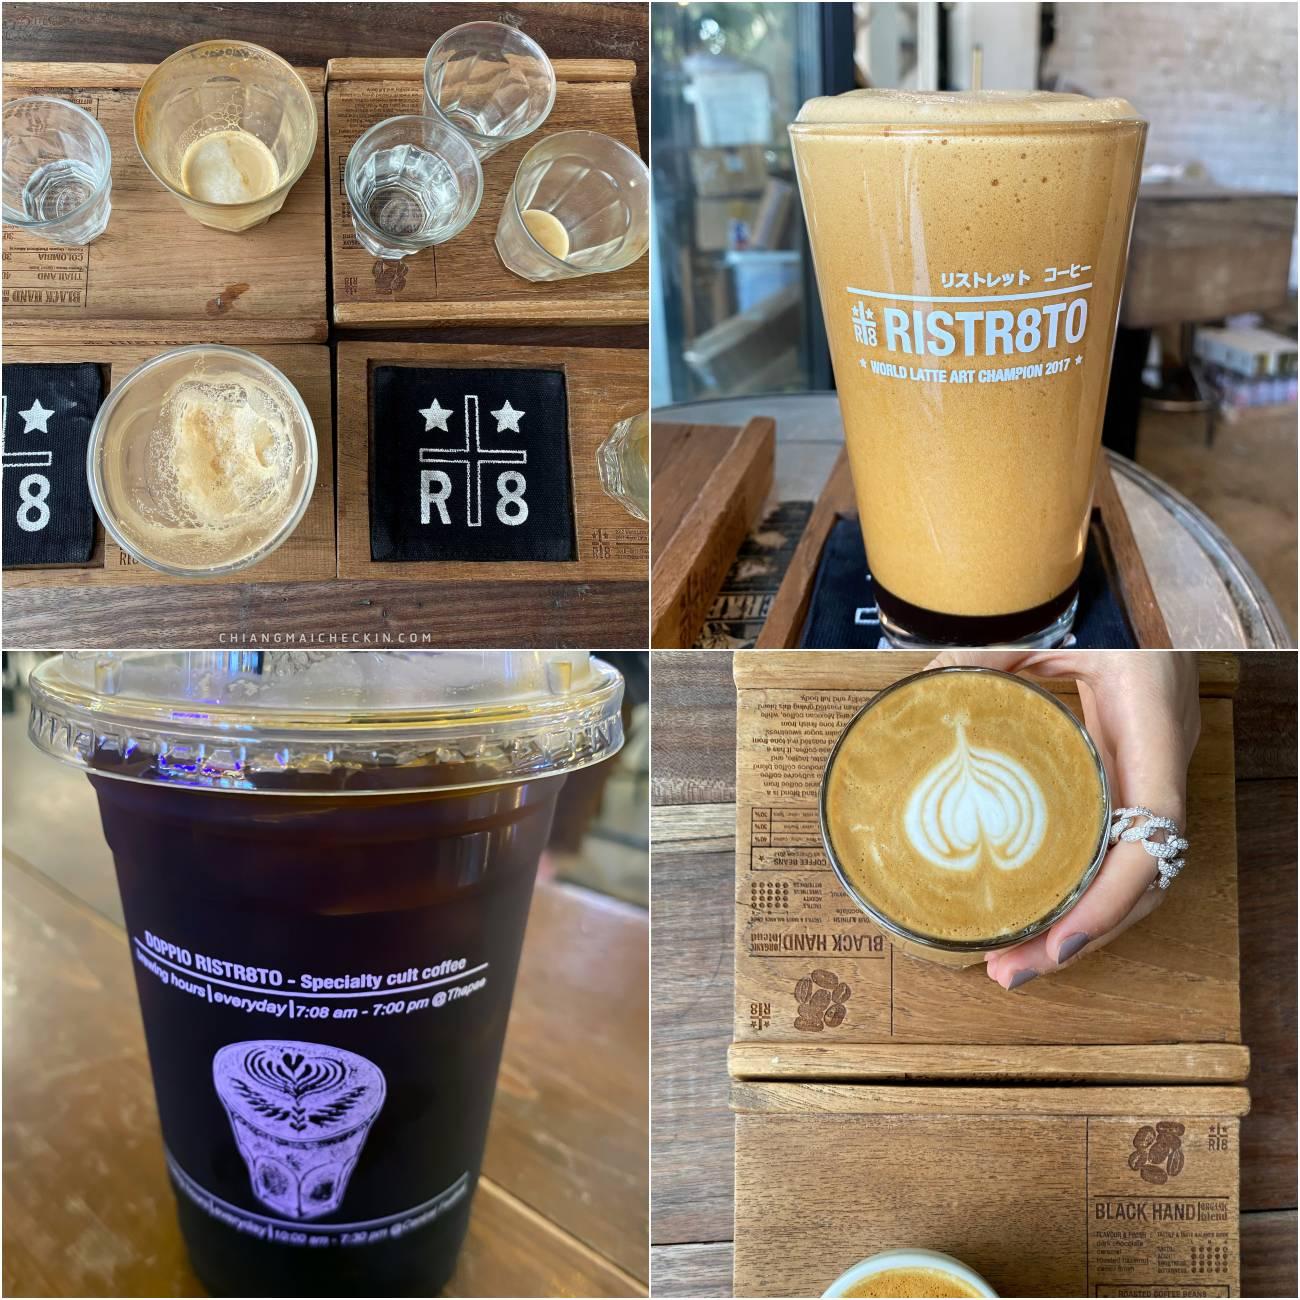 Ristretto coffee ร้านกาแฟแบบ Open Air กาแฟรสชาติดีได้ความหอมกรุ่นของกาแฟตั้่งแต่เข้าร้านเลยย